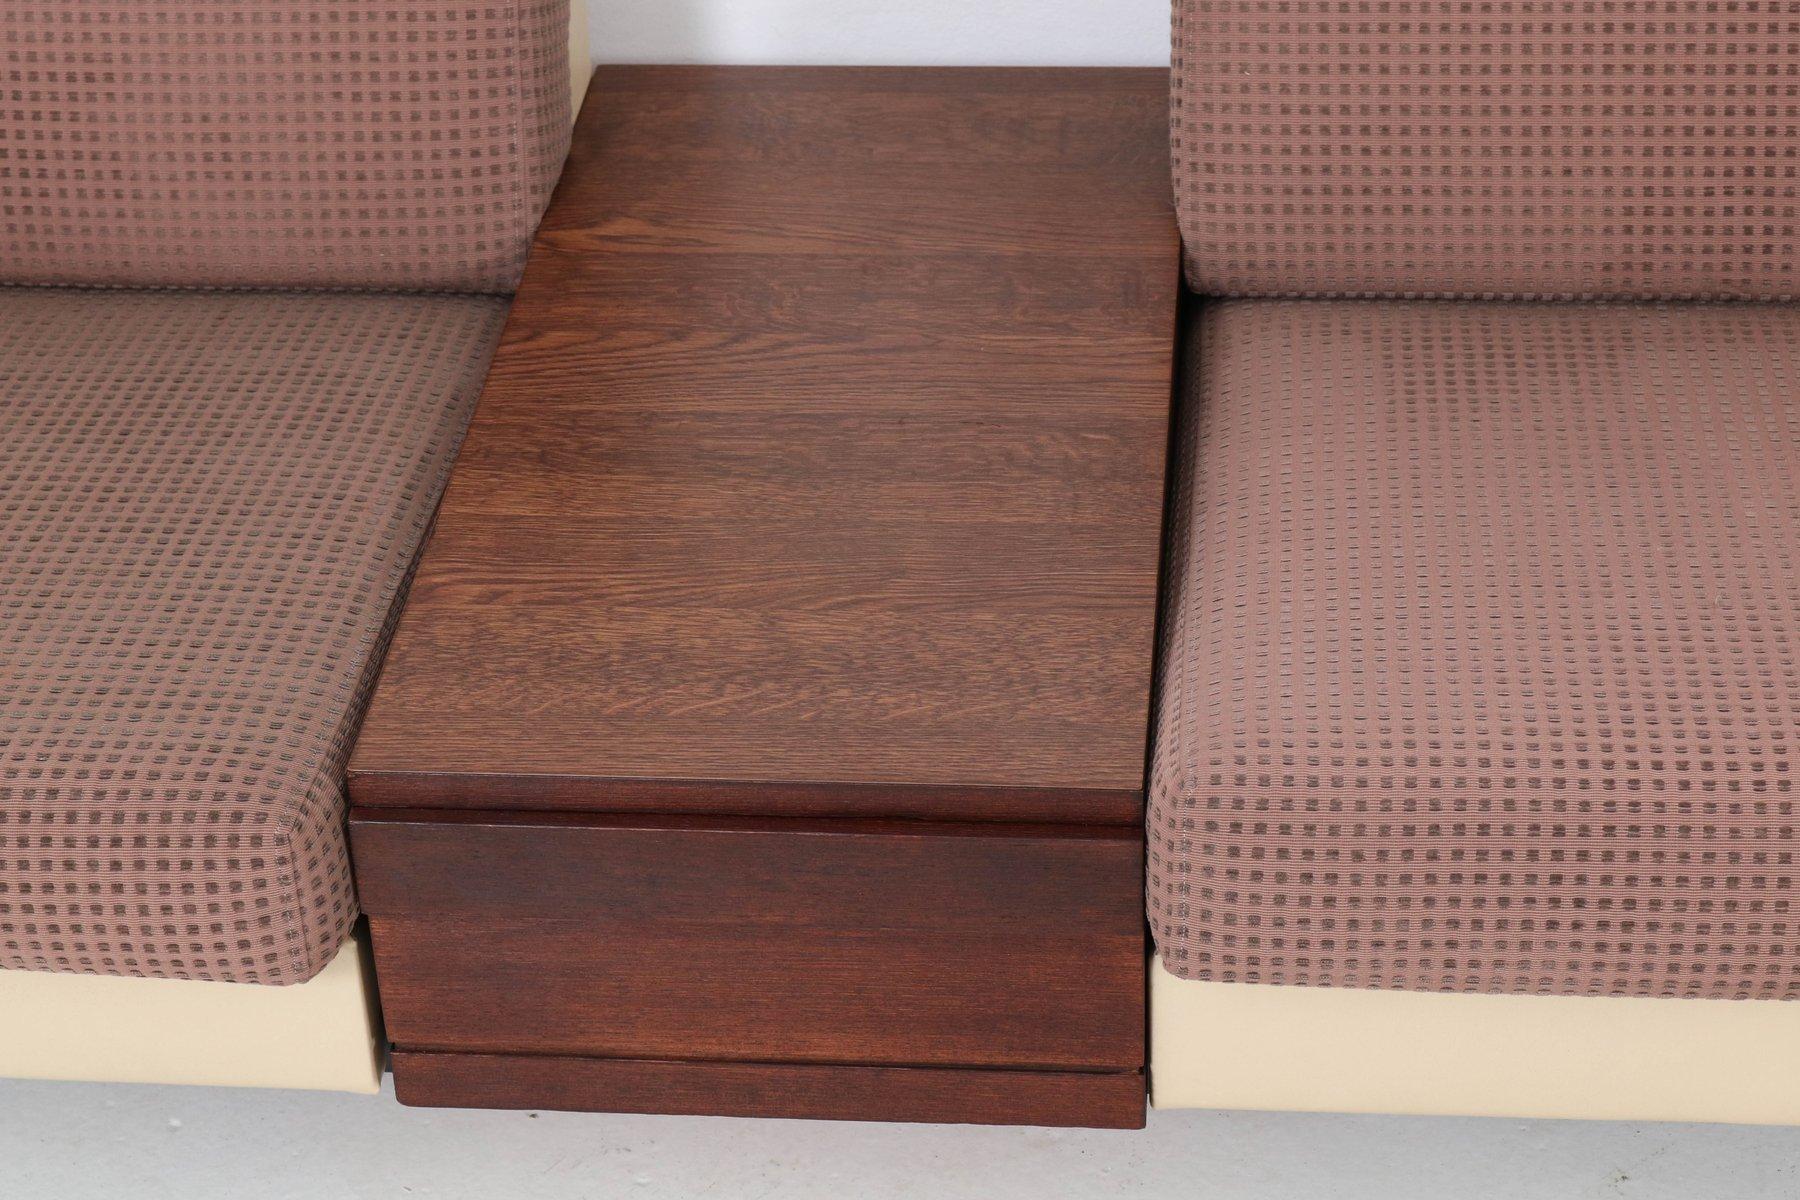 mid century modell pluraform modern sofas mit wenge couchtische von rolf benz 1964 bei pamono. Black Bedroom Furniture Sets. Home Design Ideas